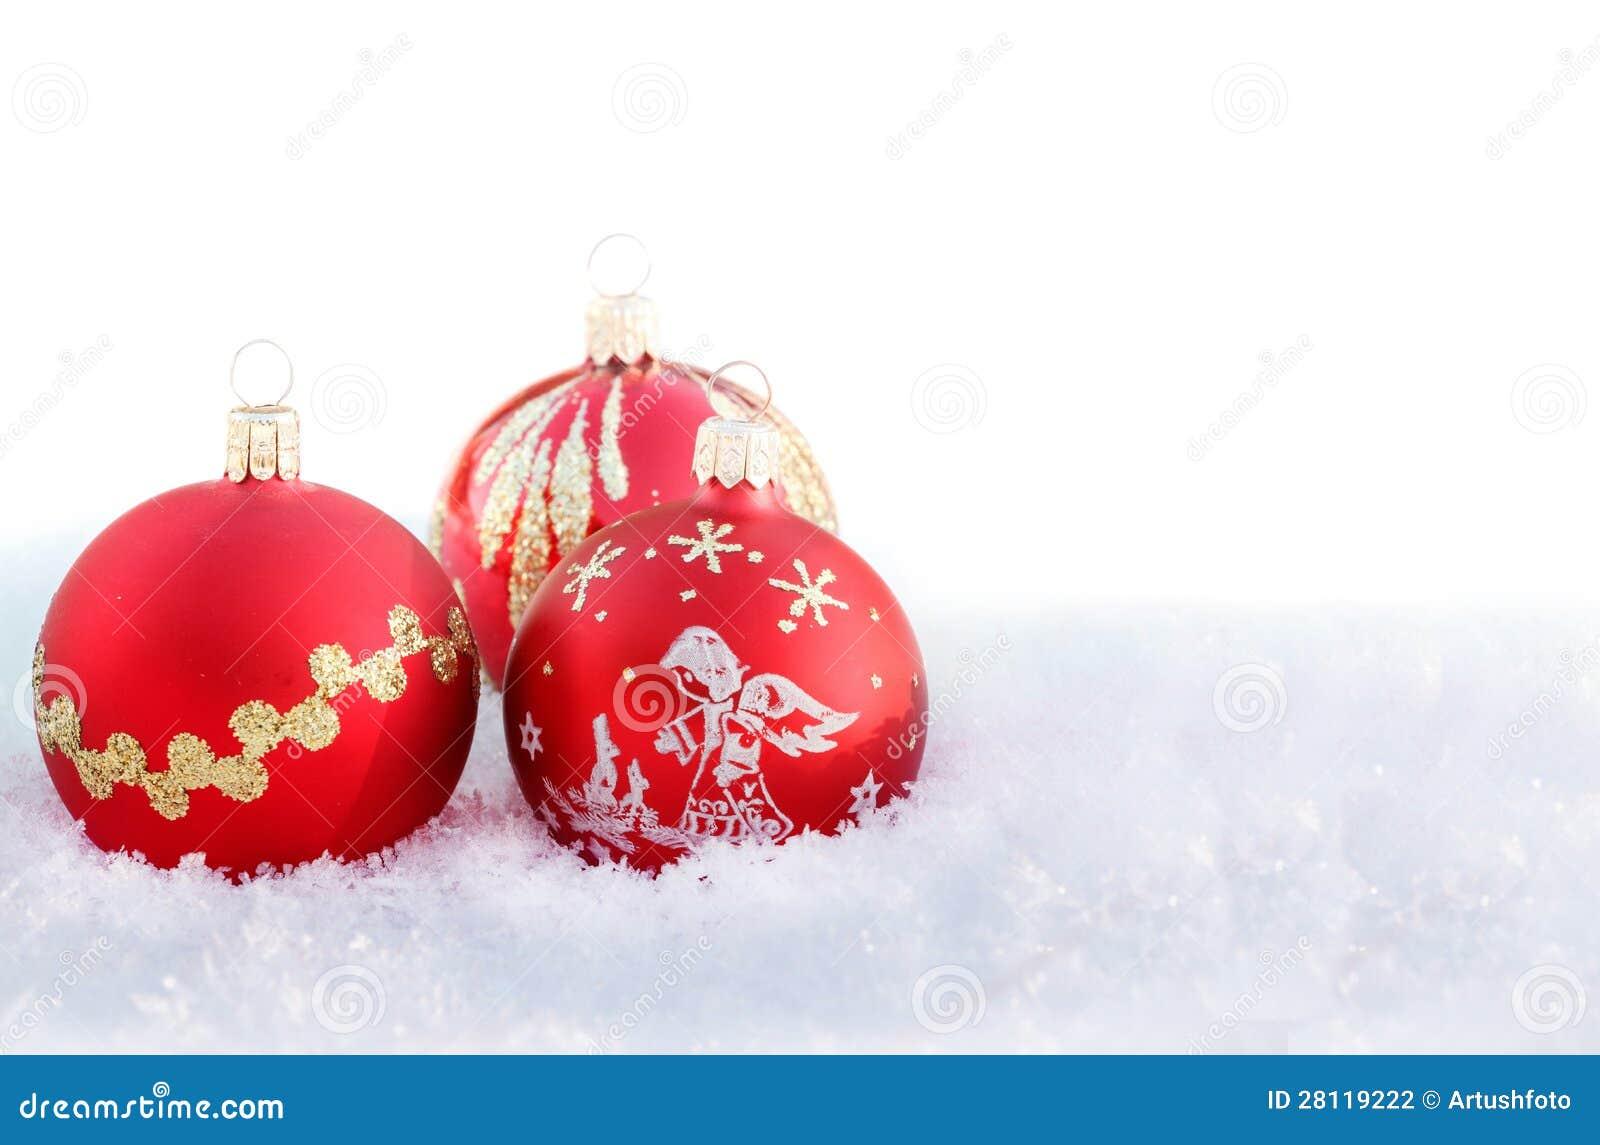 Weihnachtskugeln auf wei em schnee stockfoto bild 28119222 for Bilder weihnachtskugeln